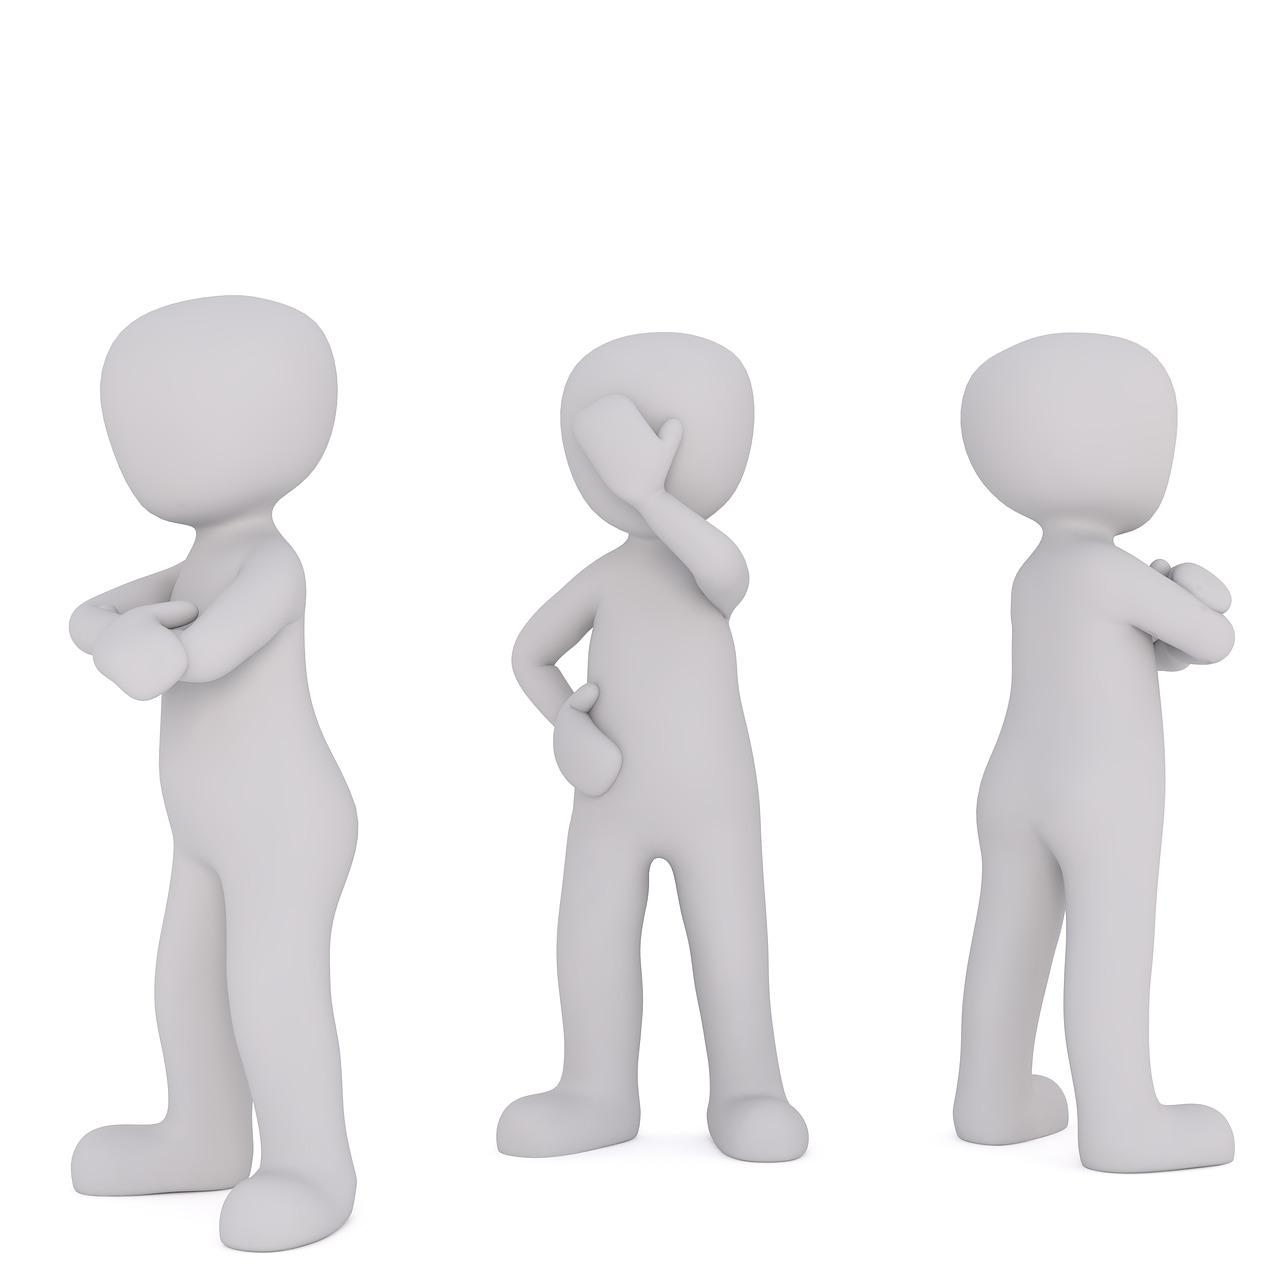 白い人形(左右の人形が腕を組んで外側を向いて、中央の人形が右手で顔を覆っている)が3体あるイラスト